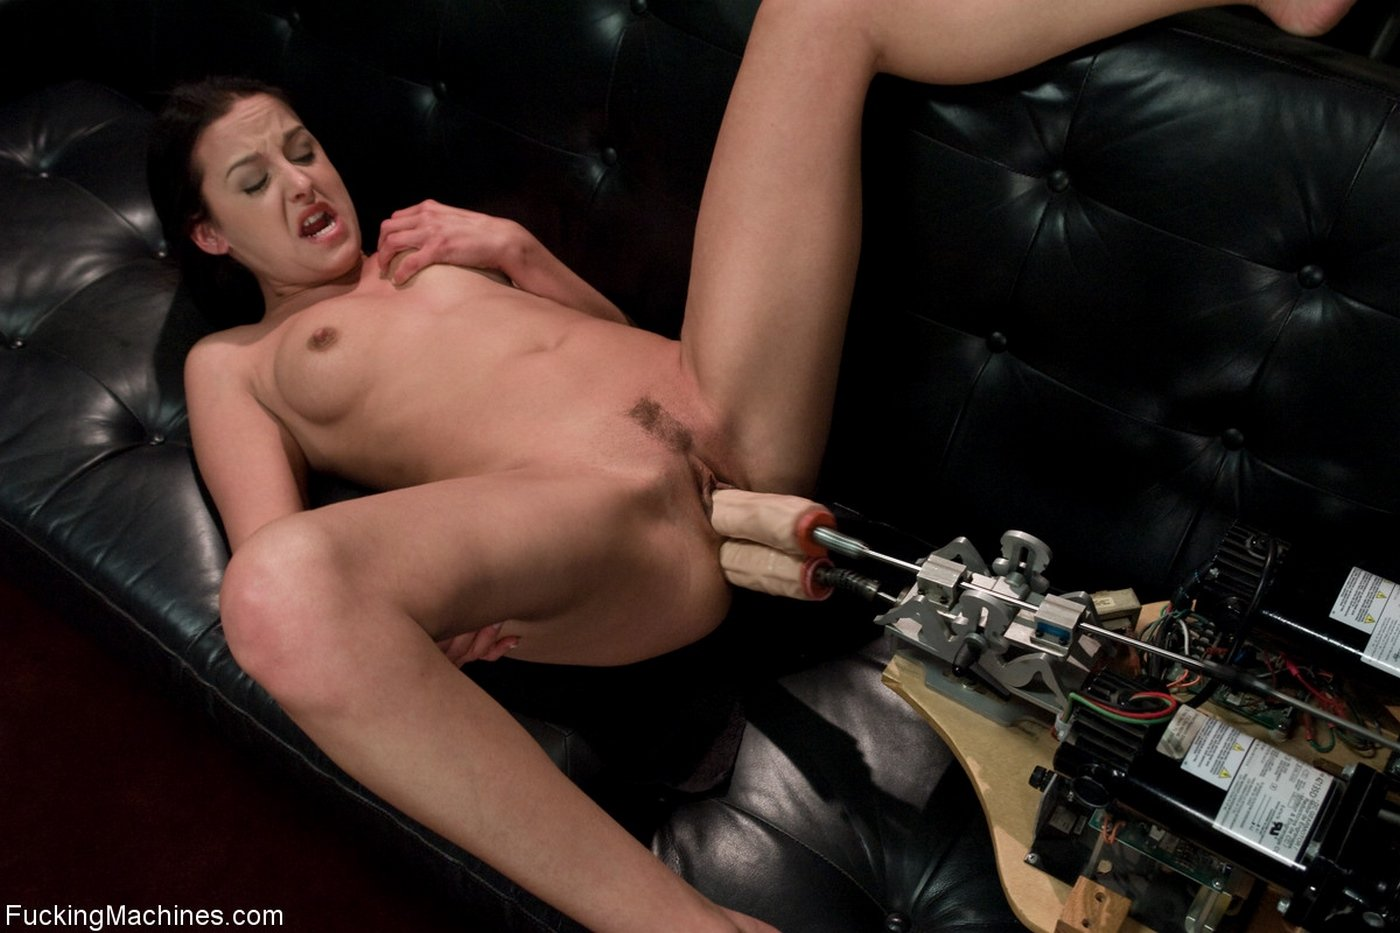 Девушки получают оргазм от секс машин #6